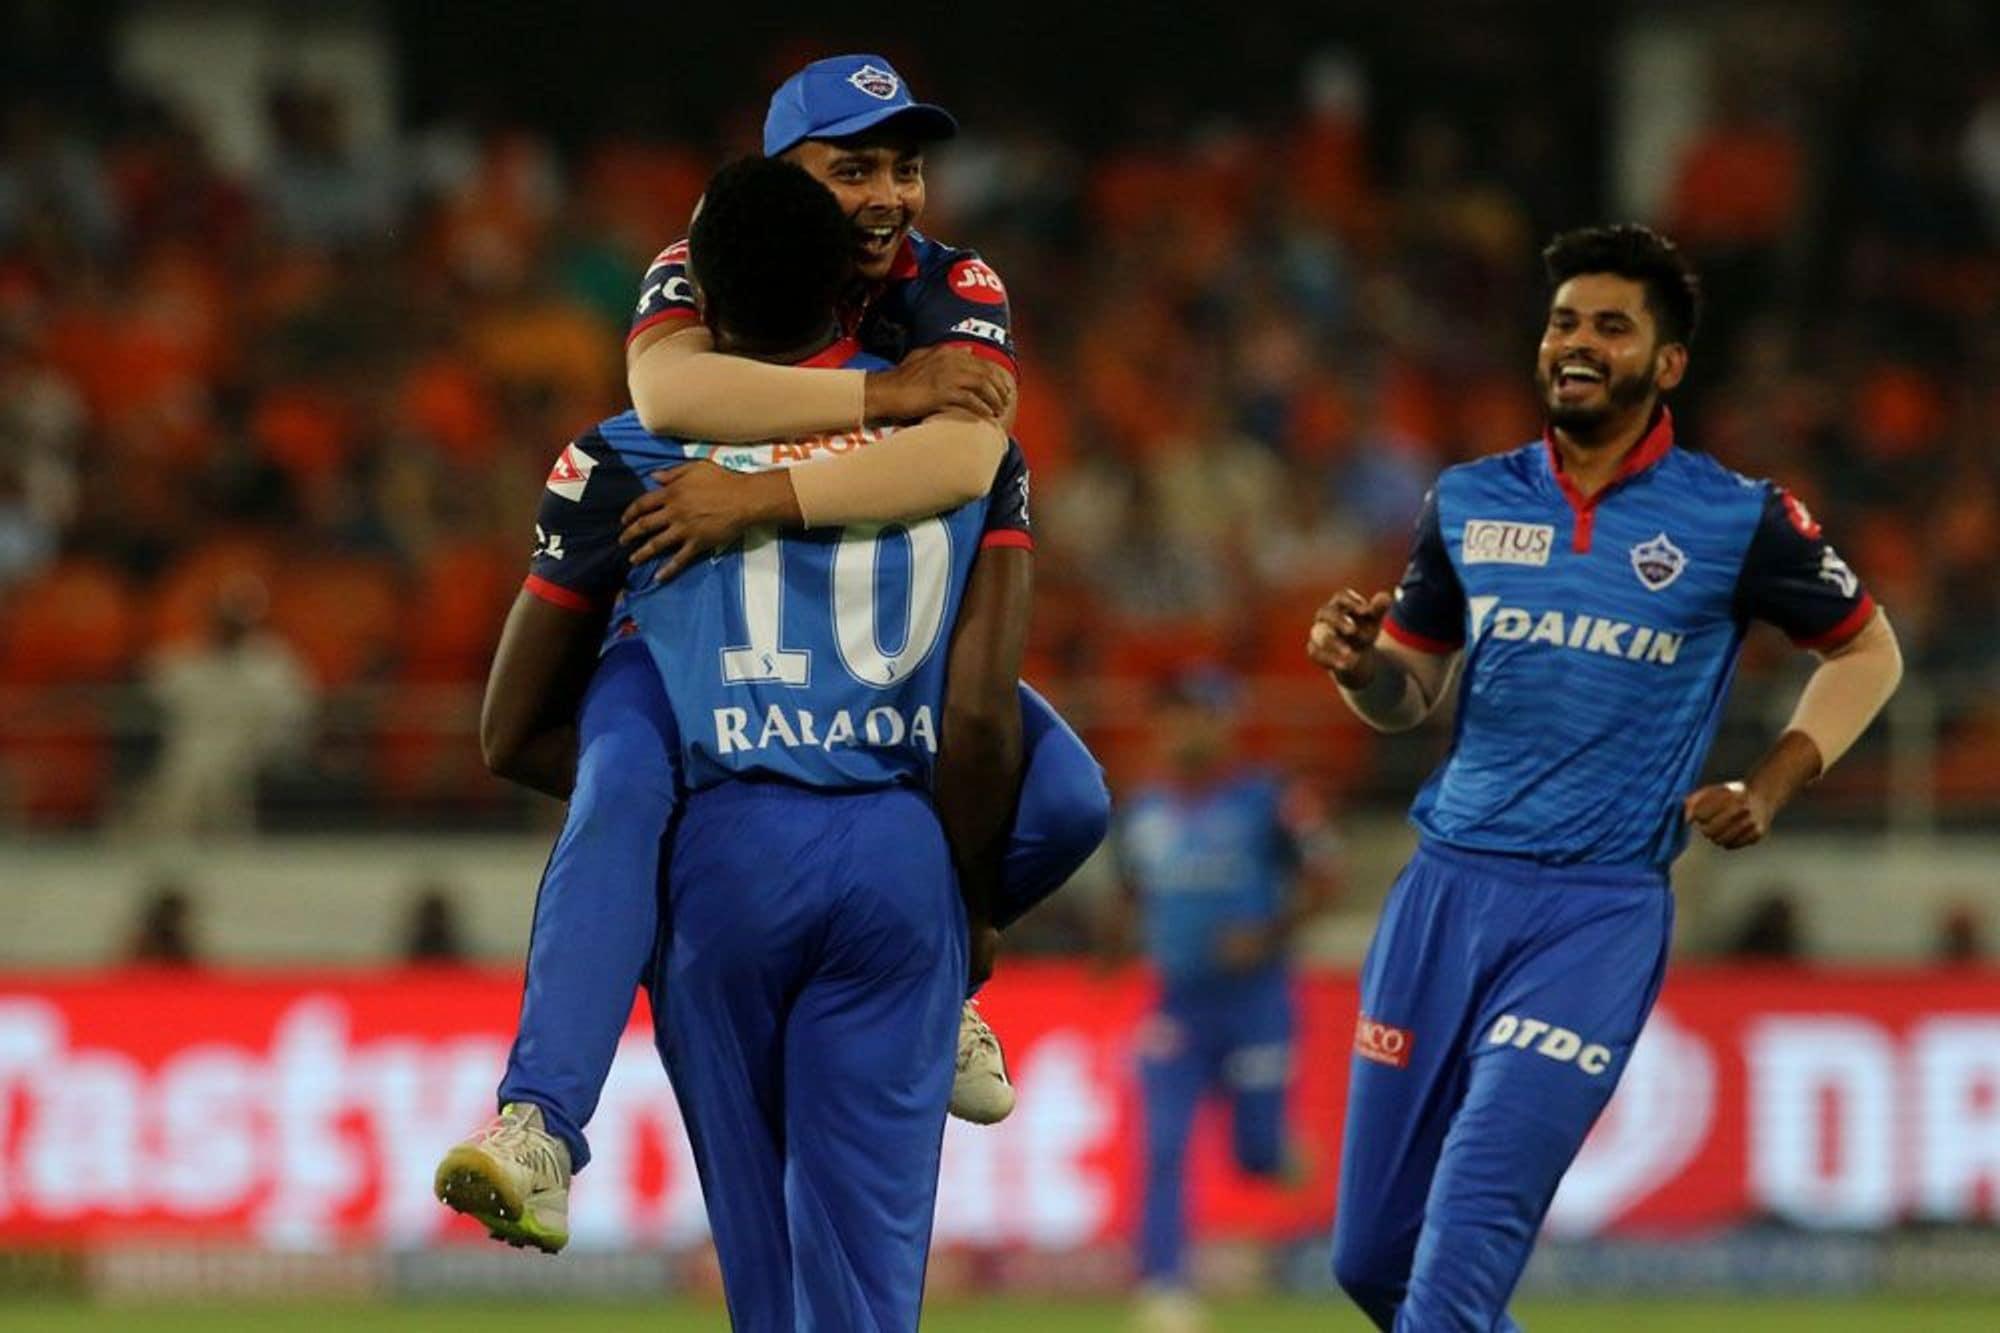 In Pics, Match 30, Sunrisers Hyderabad vs Delhi Capitals